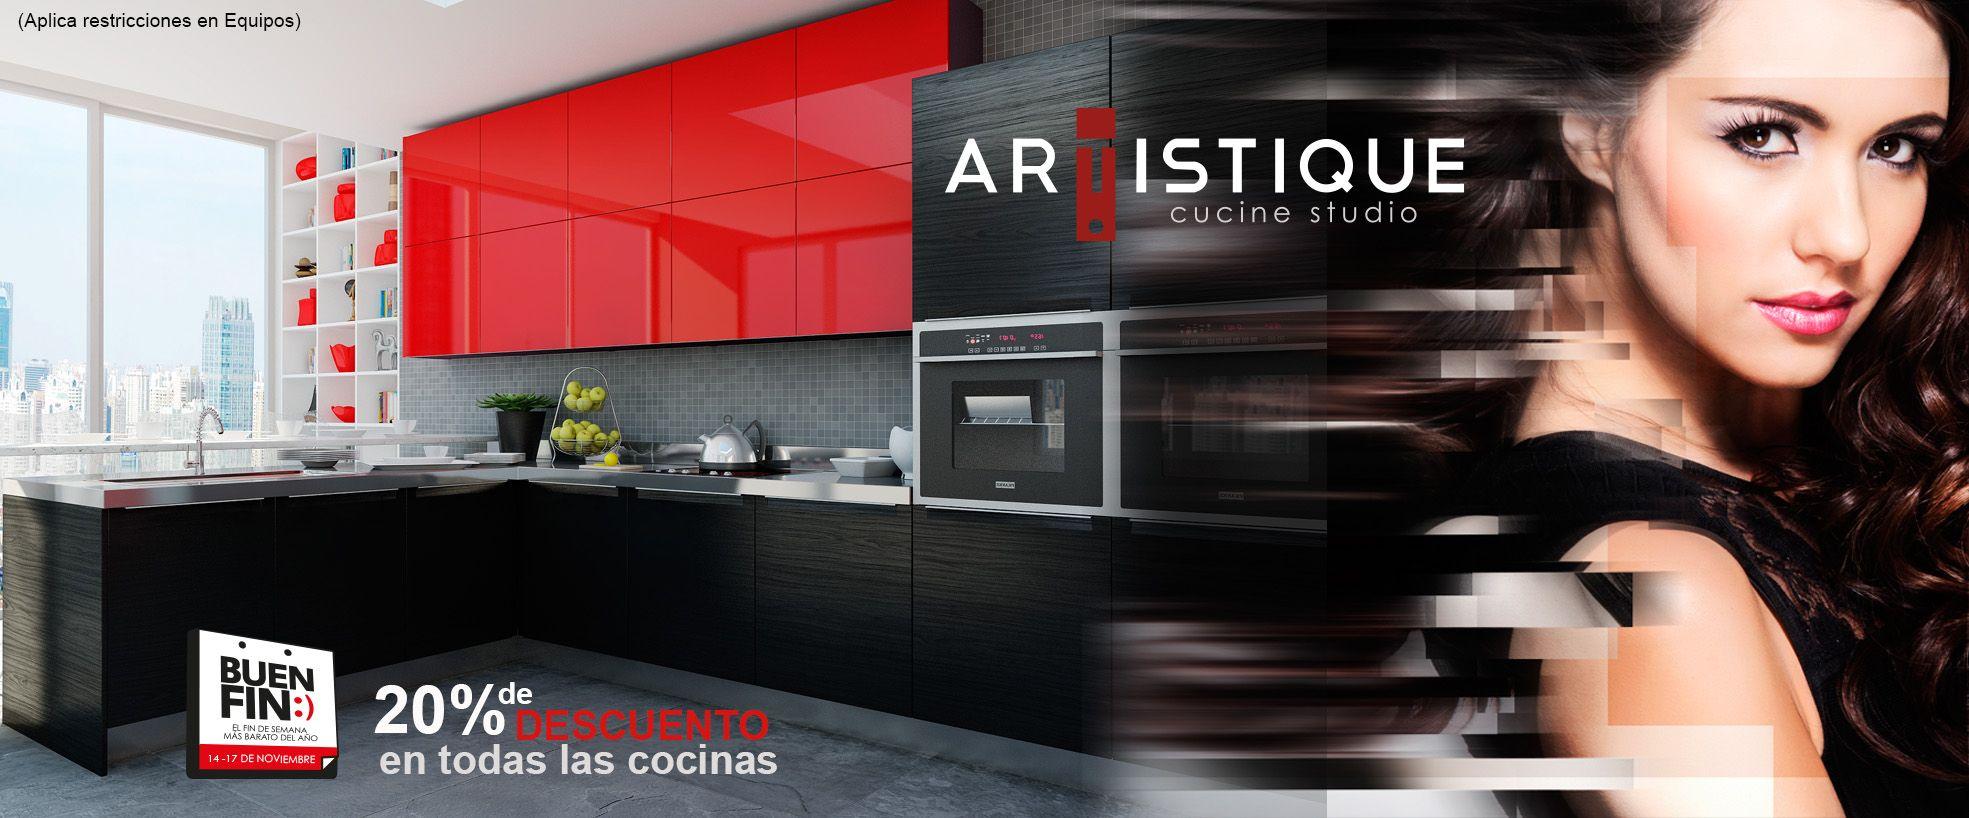 Este buen fin todas las cocinas artistique al 20 de for Cocinas integrales buen fin